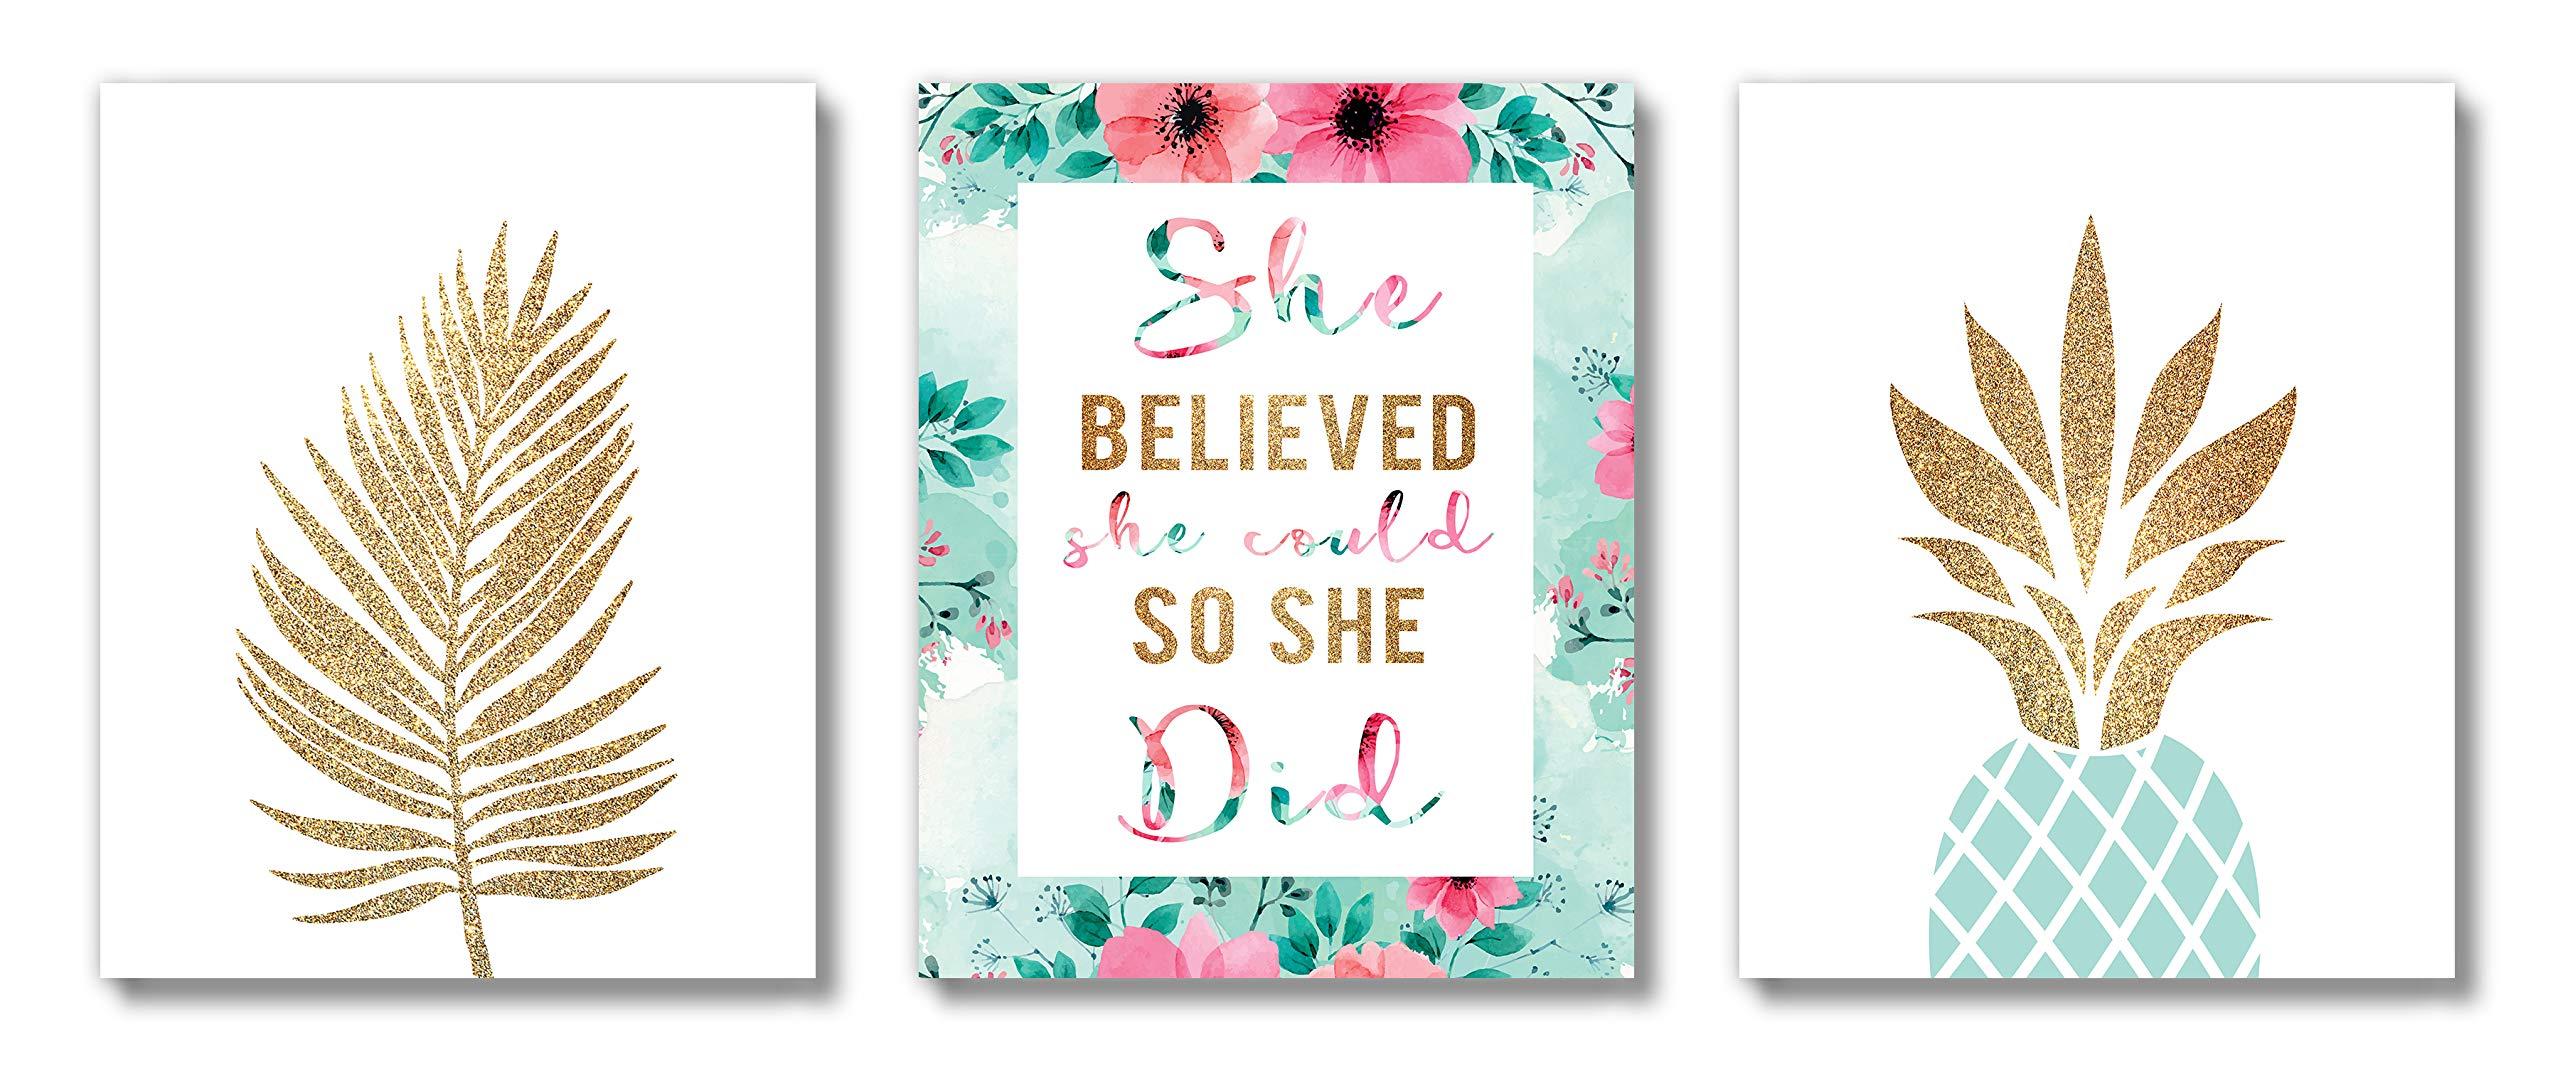 Brooke & Vine Inspirational Teen Girl Room Wall Decor Art Prints (UNFRAMED 8 x 10) Women, Tween, Kids Motivational Wall Art for Bedroom, Office, Home - Gold Palm Aqua Pineapple